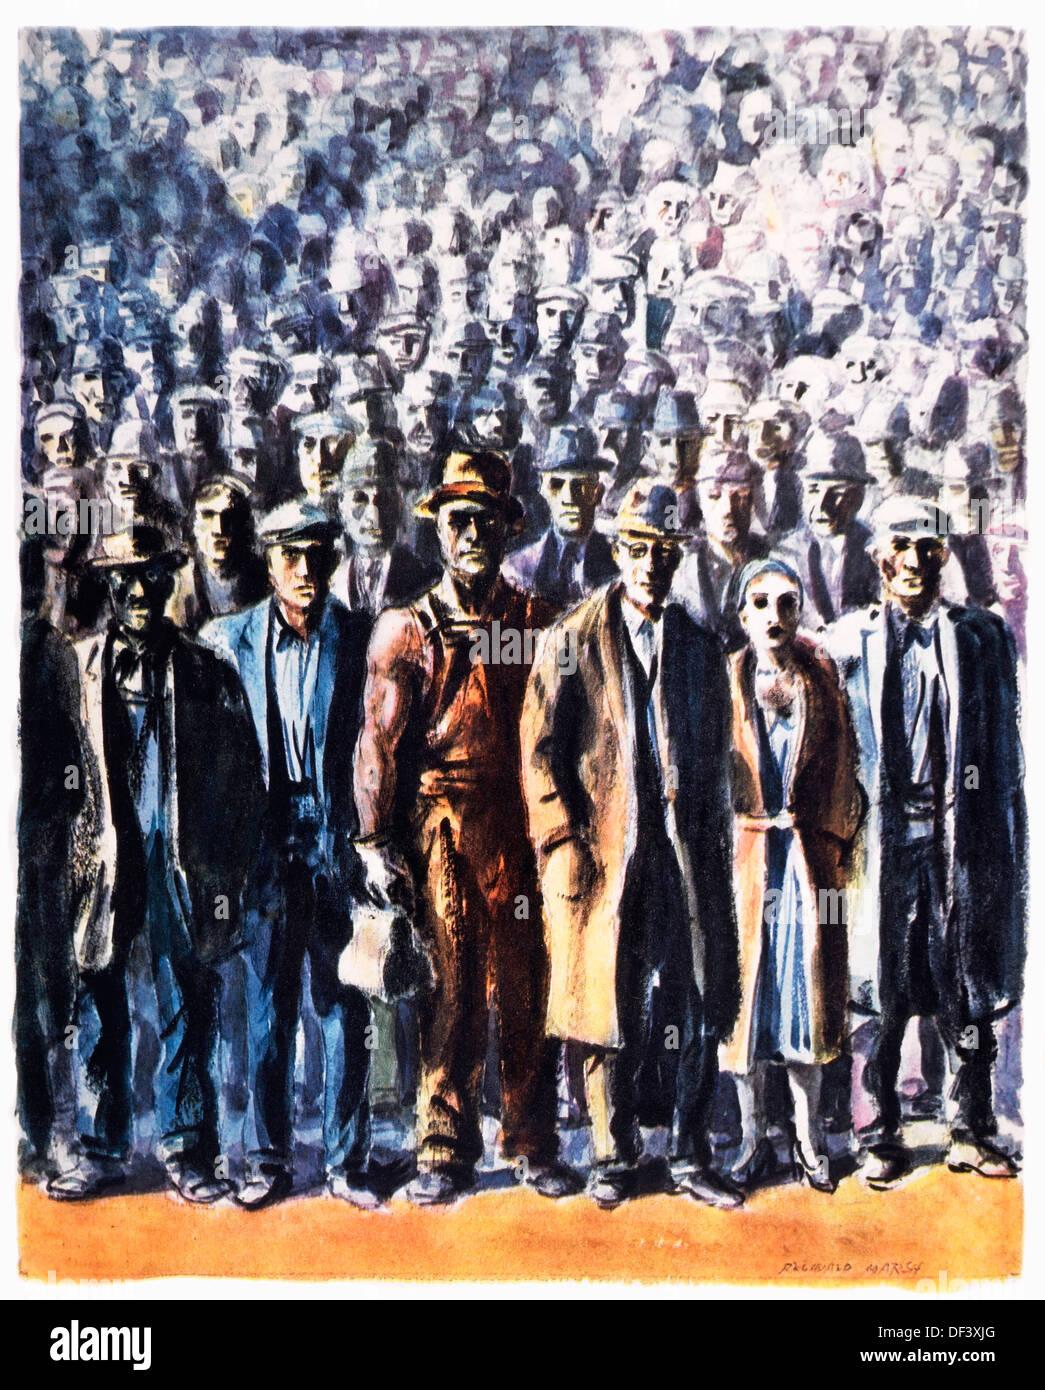 """""""Venticinque milioni in desidera' americani durante la Grande Depressione, illustrazione, Reginald Marsh, 1932 Immagini Stock"""